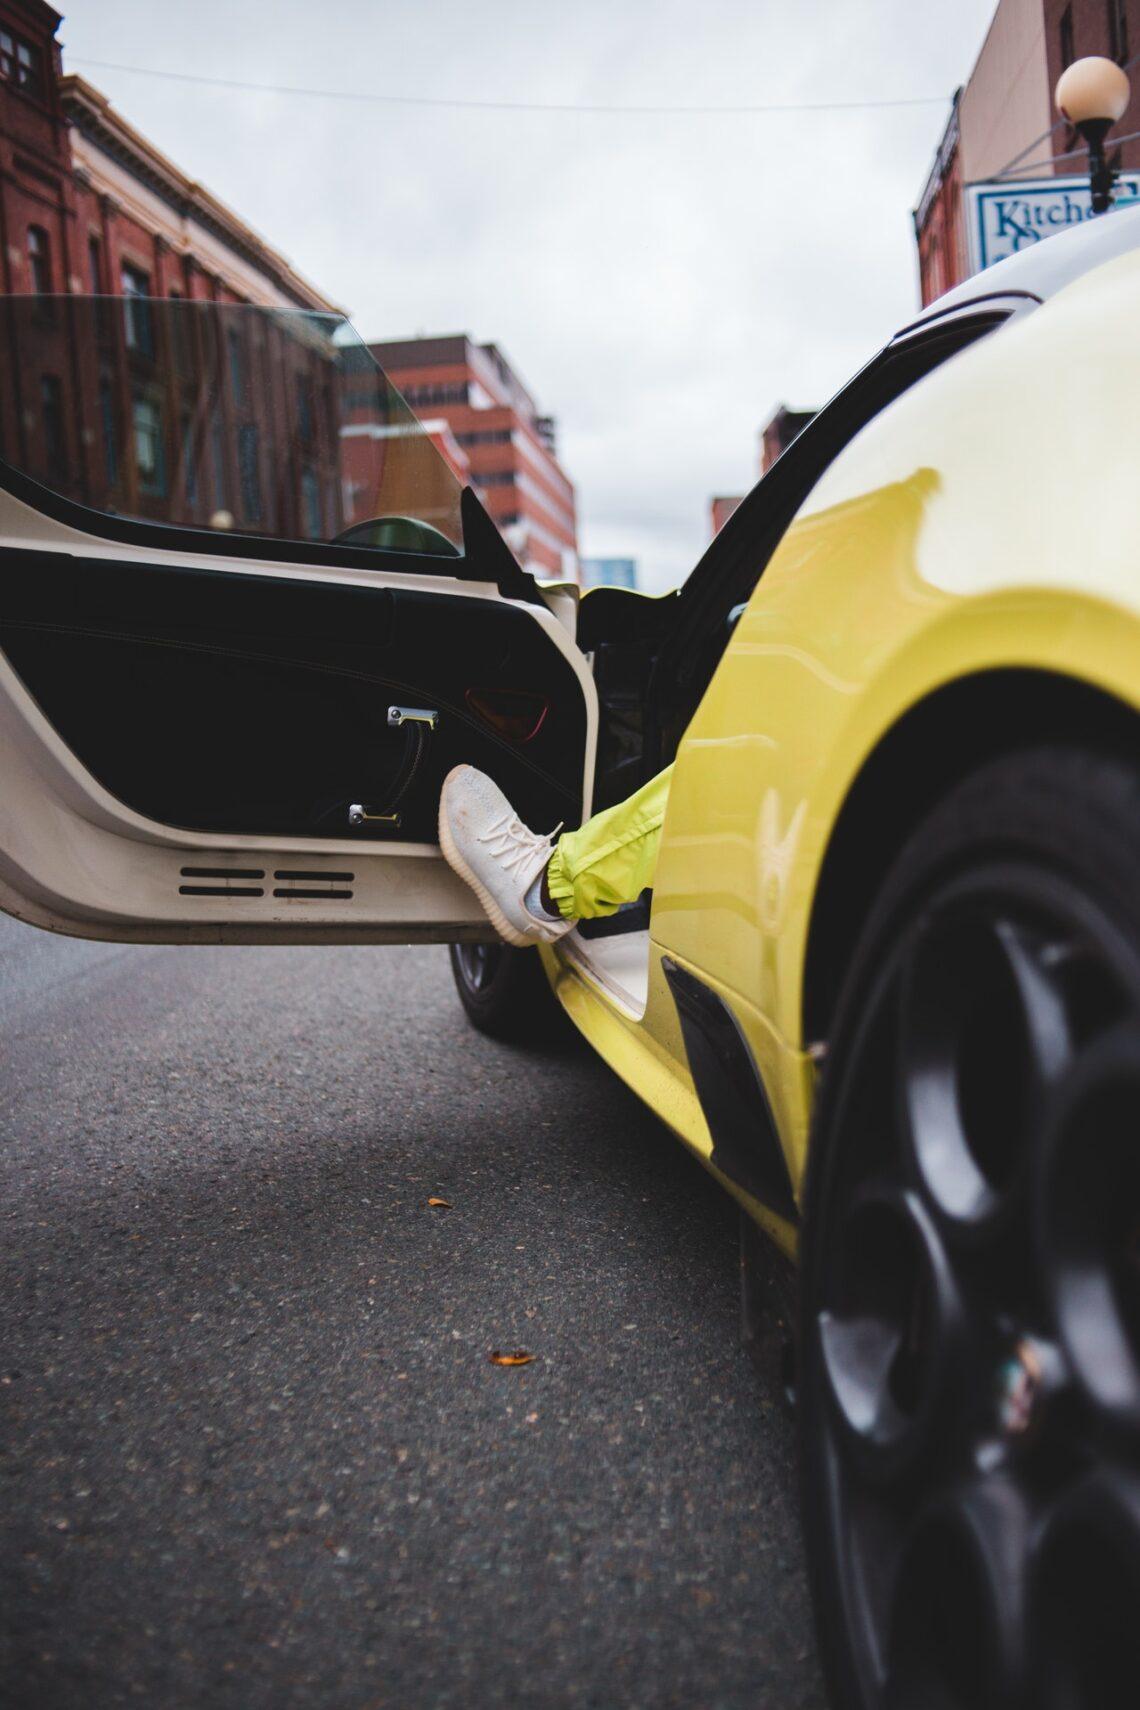 Распространенные признаки выхода из строя радиатора автомобиля